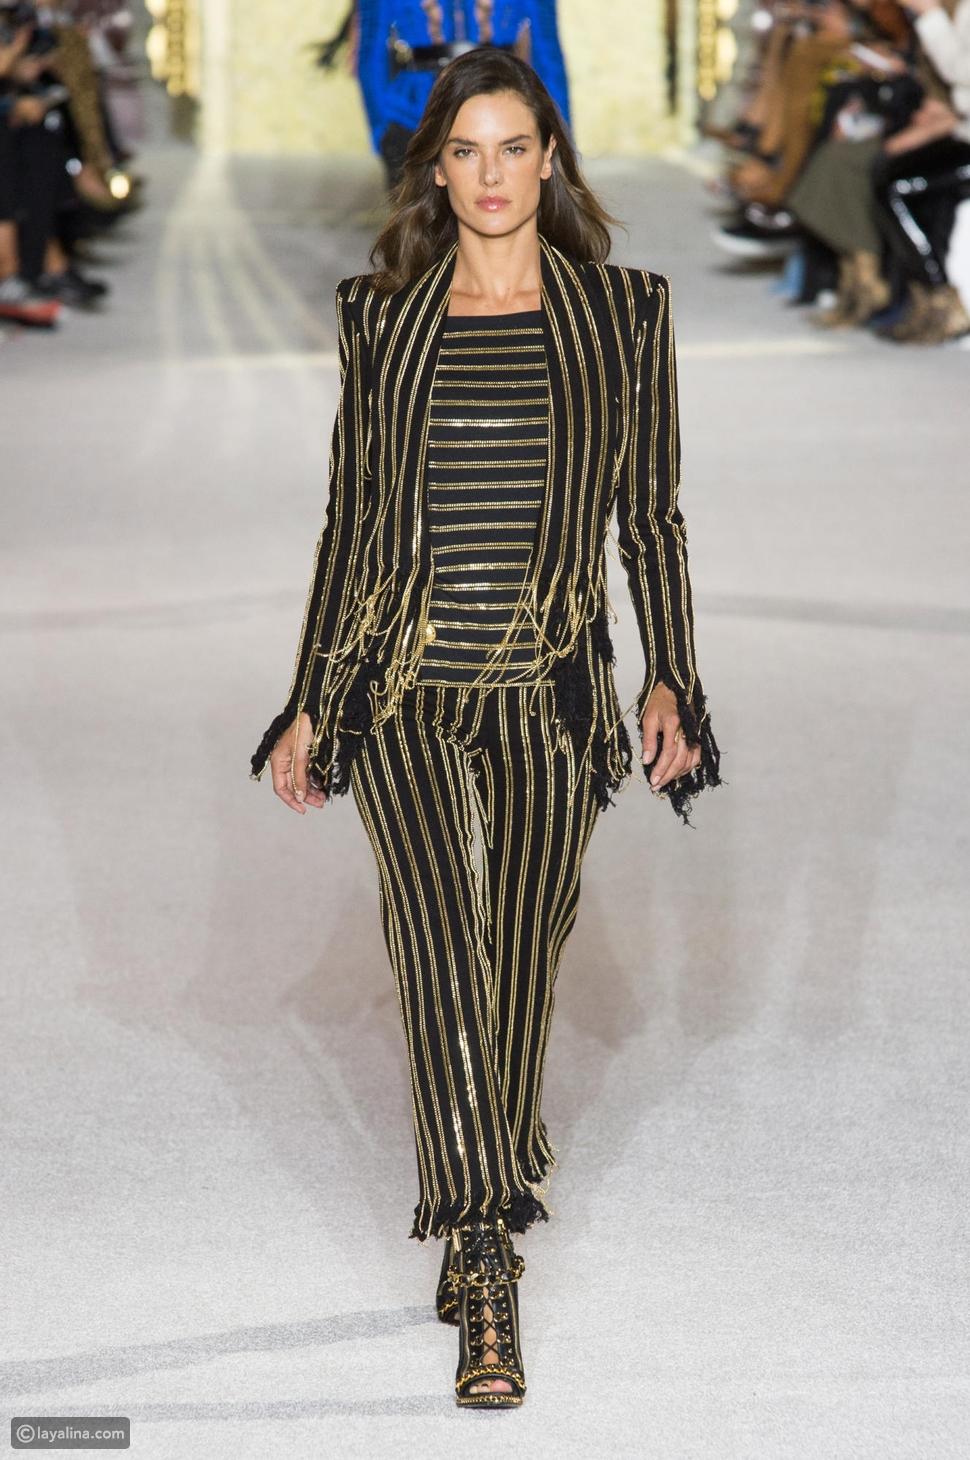 أليساندرا أمبروسيو في عرض أزياء بالمان ربيع 2018 للأزياء الجاهزة